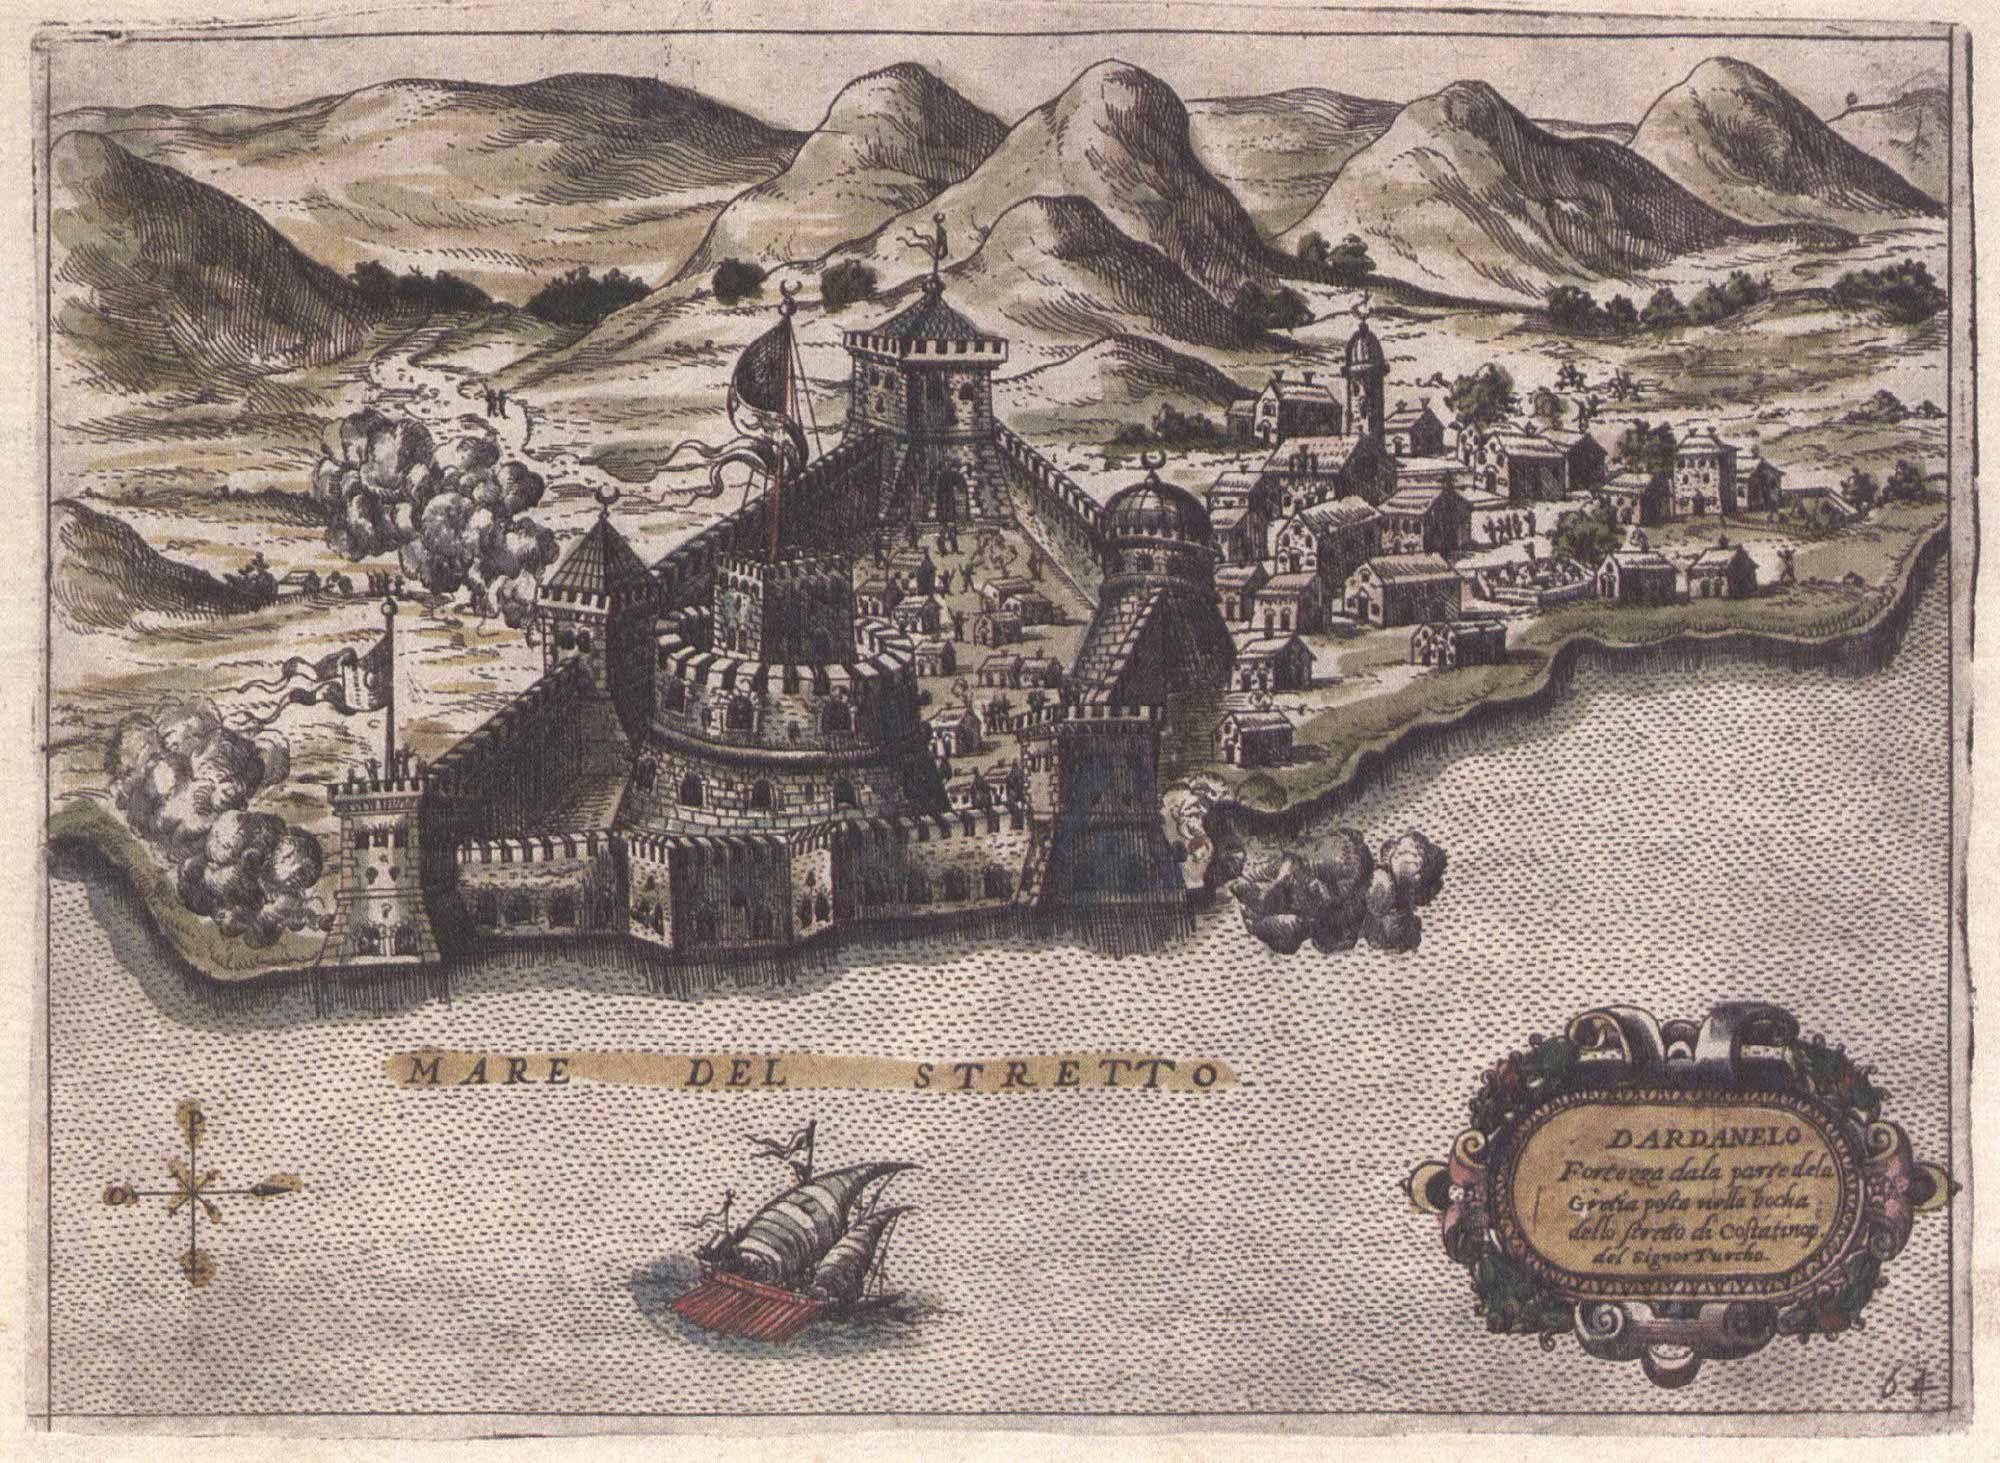 Fonte figura 2: «Stretto dei Dardanelli», da La Geografia a colpo d'occhio, Milano 1853, Corbetta.